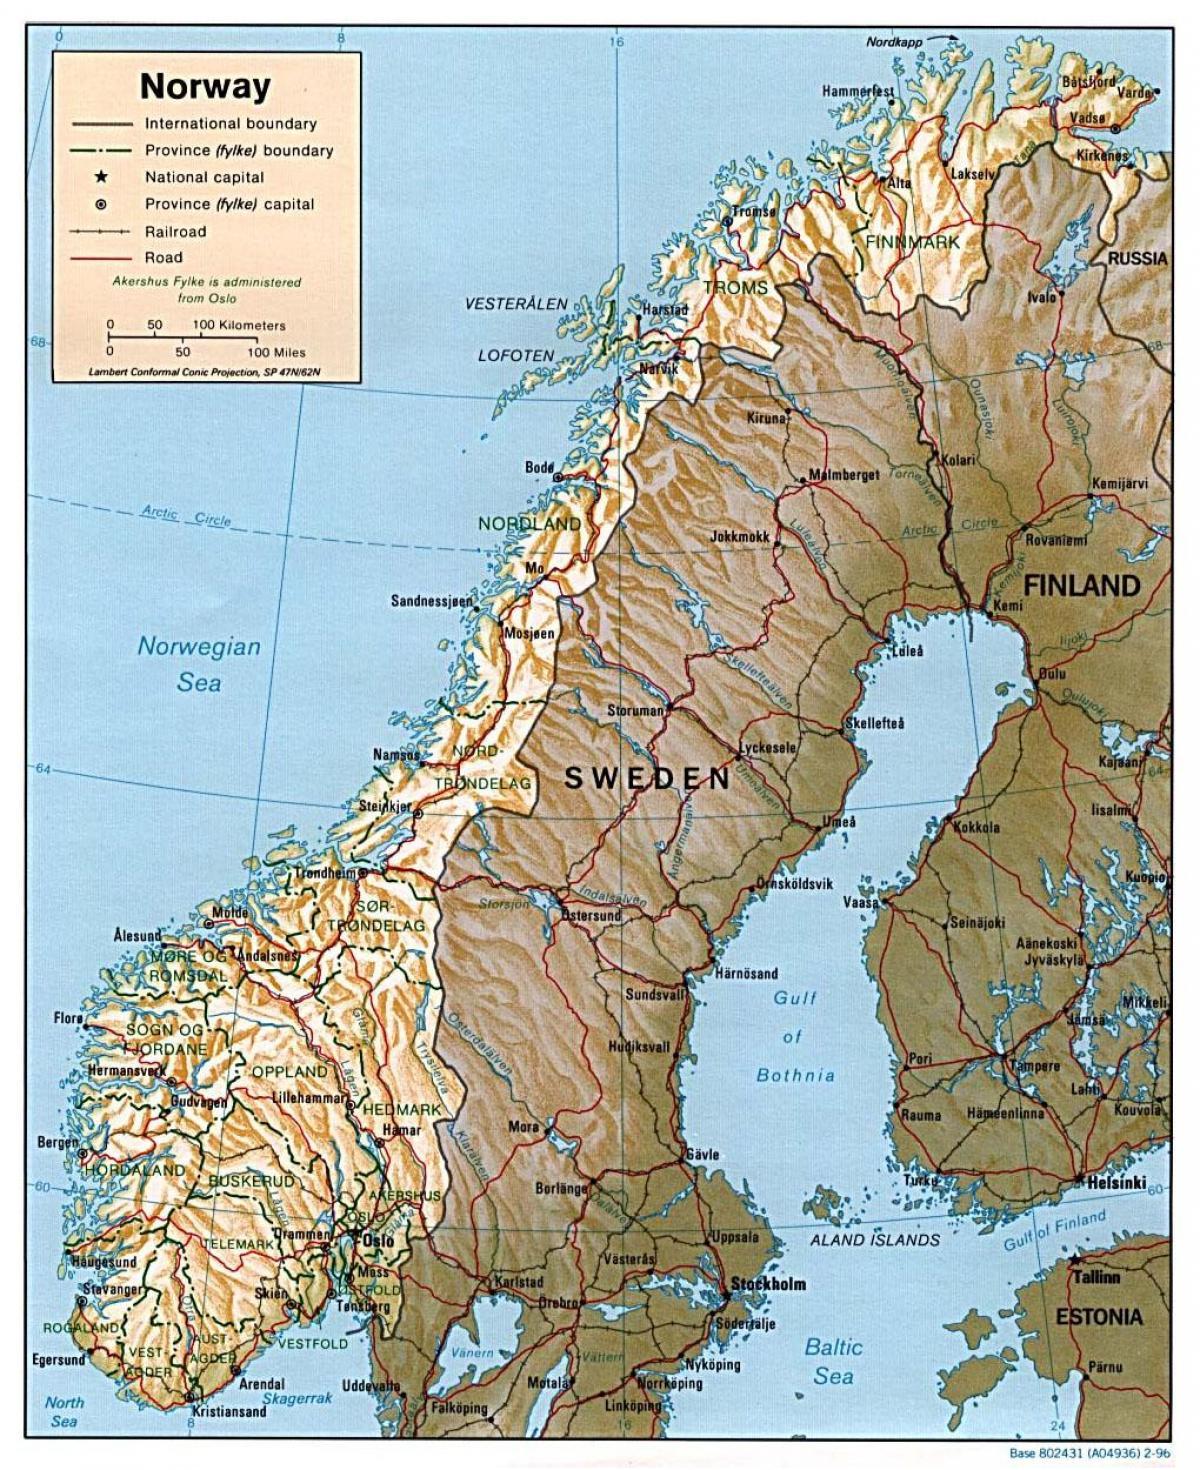 Kort Over Norge Med Byer Detaljeret Kort Over Norge Med Byer I